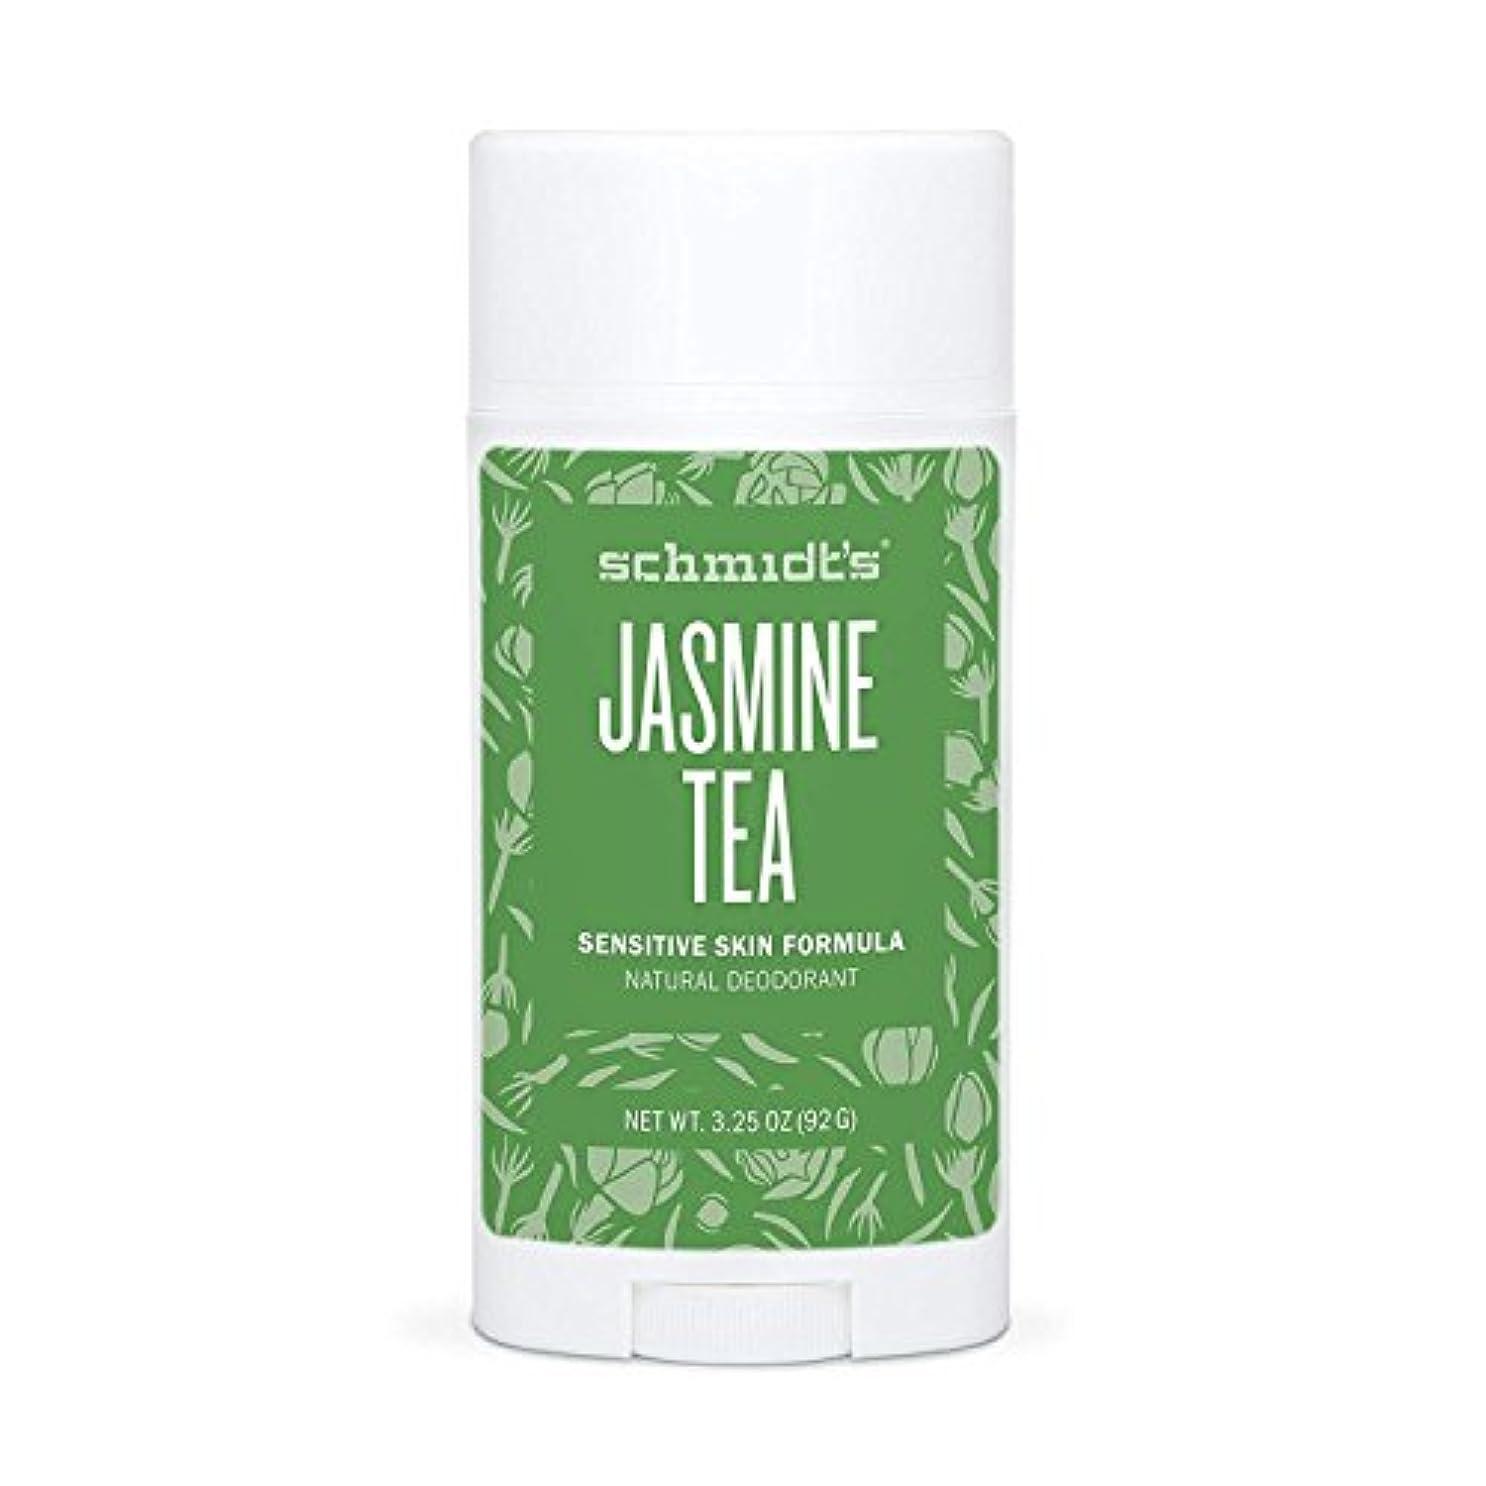 セッティング自分抵当Schmidt's Sensitive Skin Deodorant Stick_JASMINE TEA 3.25 oz シュミッツ デオドラント センシティブスキン ジャスミンティー 92 g [並行輸入品]